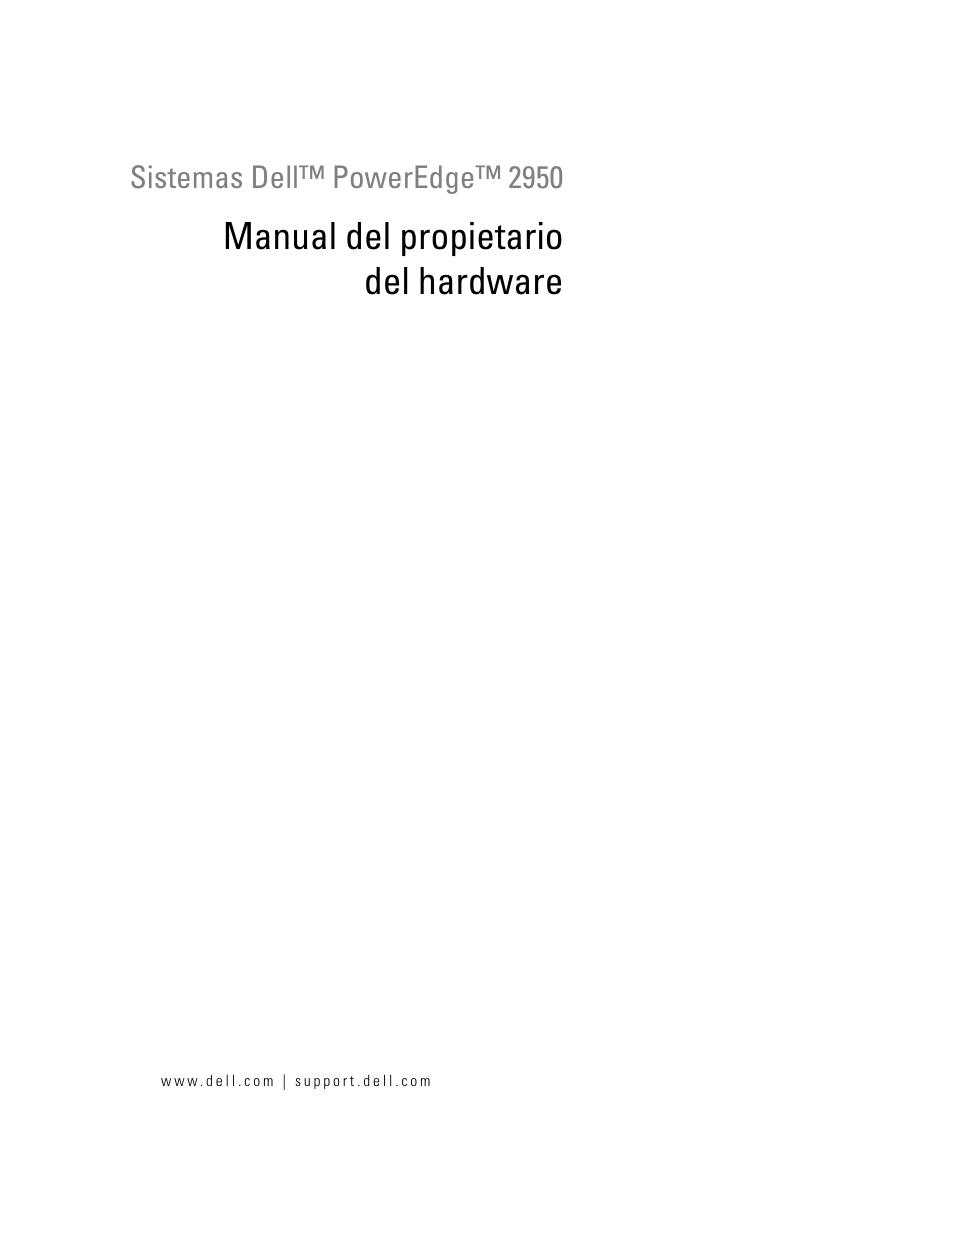 [SCHEMATICS_48IU]  9AF19 Dell Poweredge 2950 Manuals Pdf | Wiring Library | Dell Poweredge 2950 Wiring Diagram |  | Wiring Library